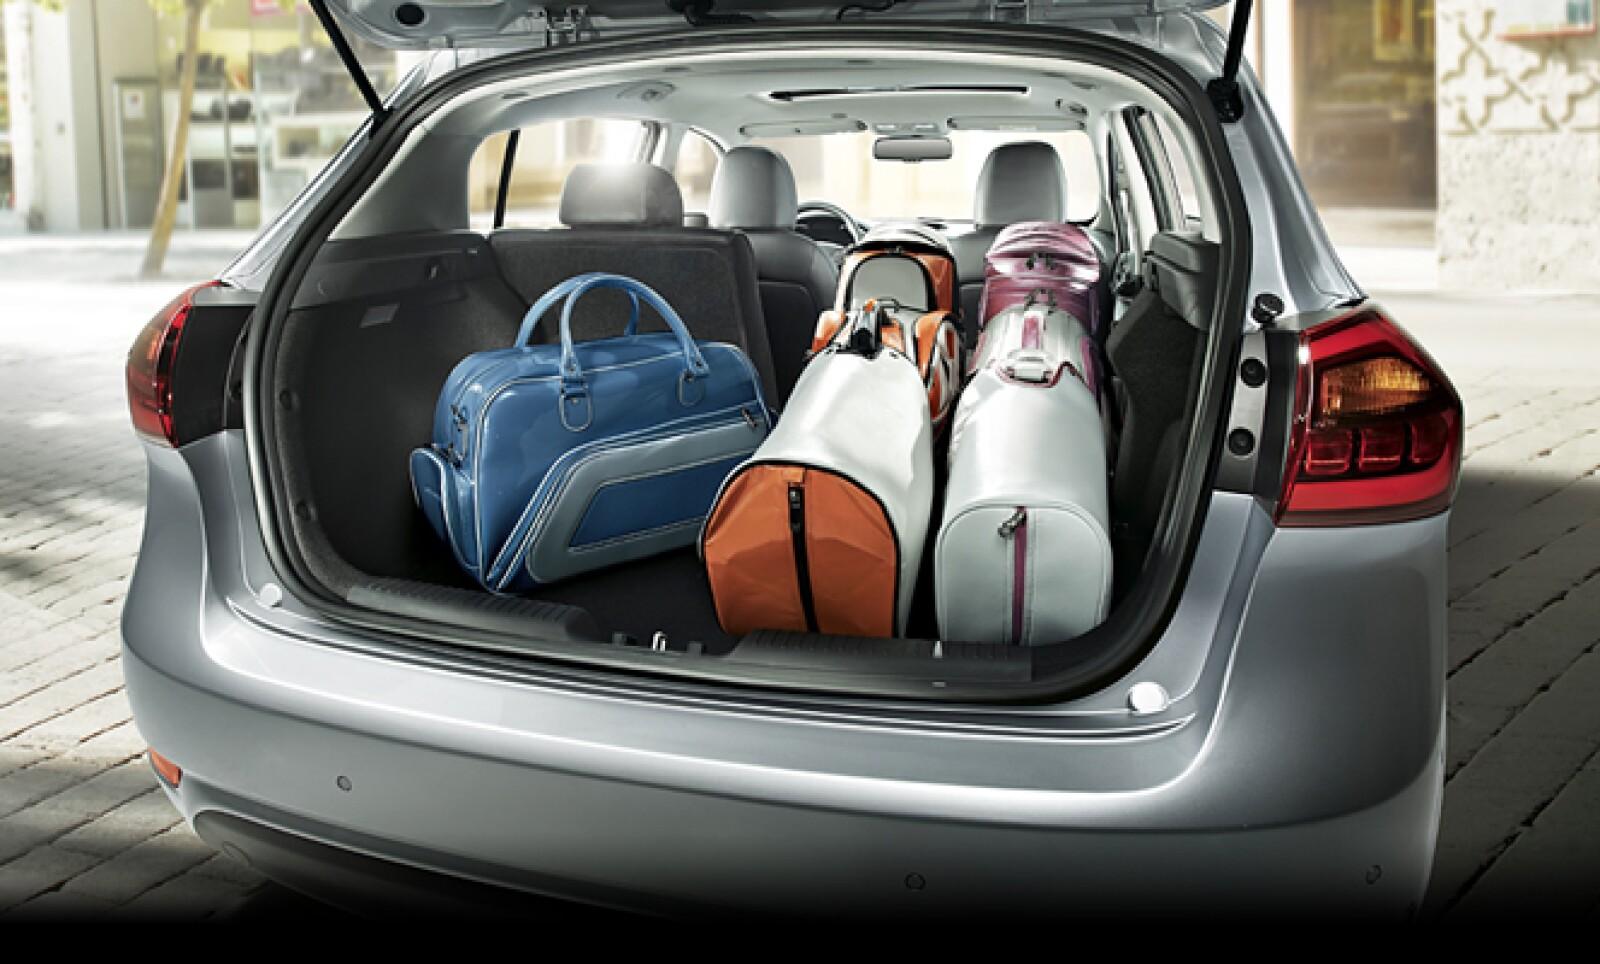 Su cajueja brinda espacios suficiente para equipaje y lo que desees llevar en tus recorridos.